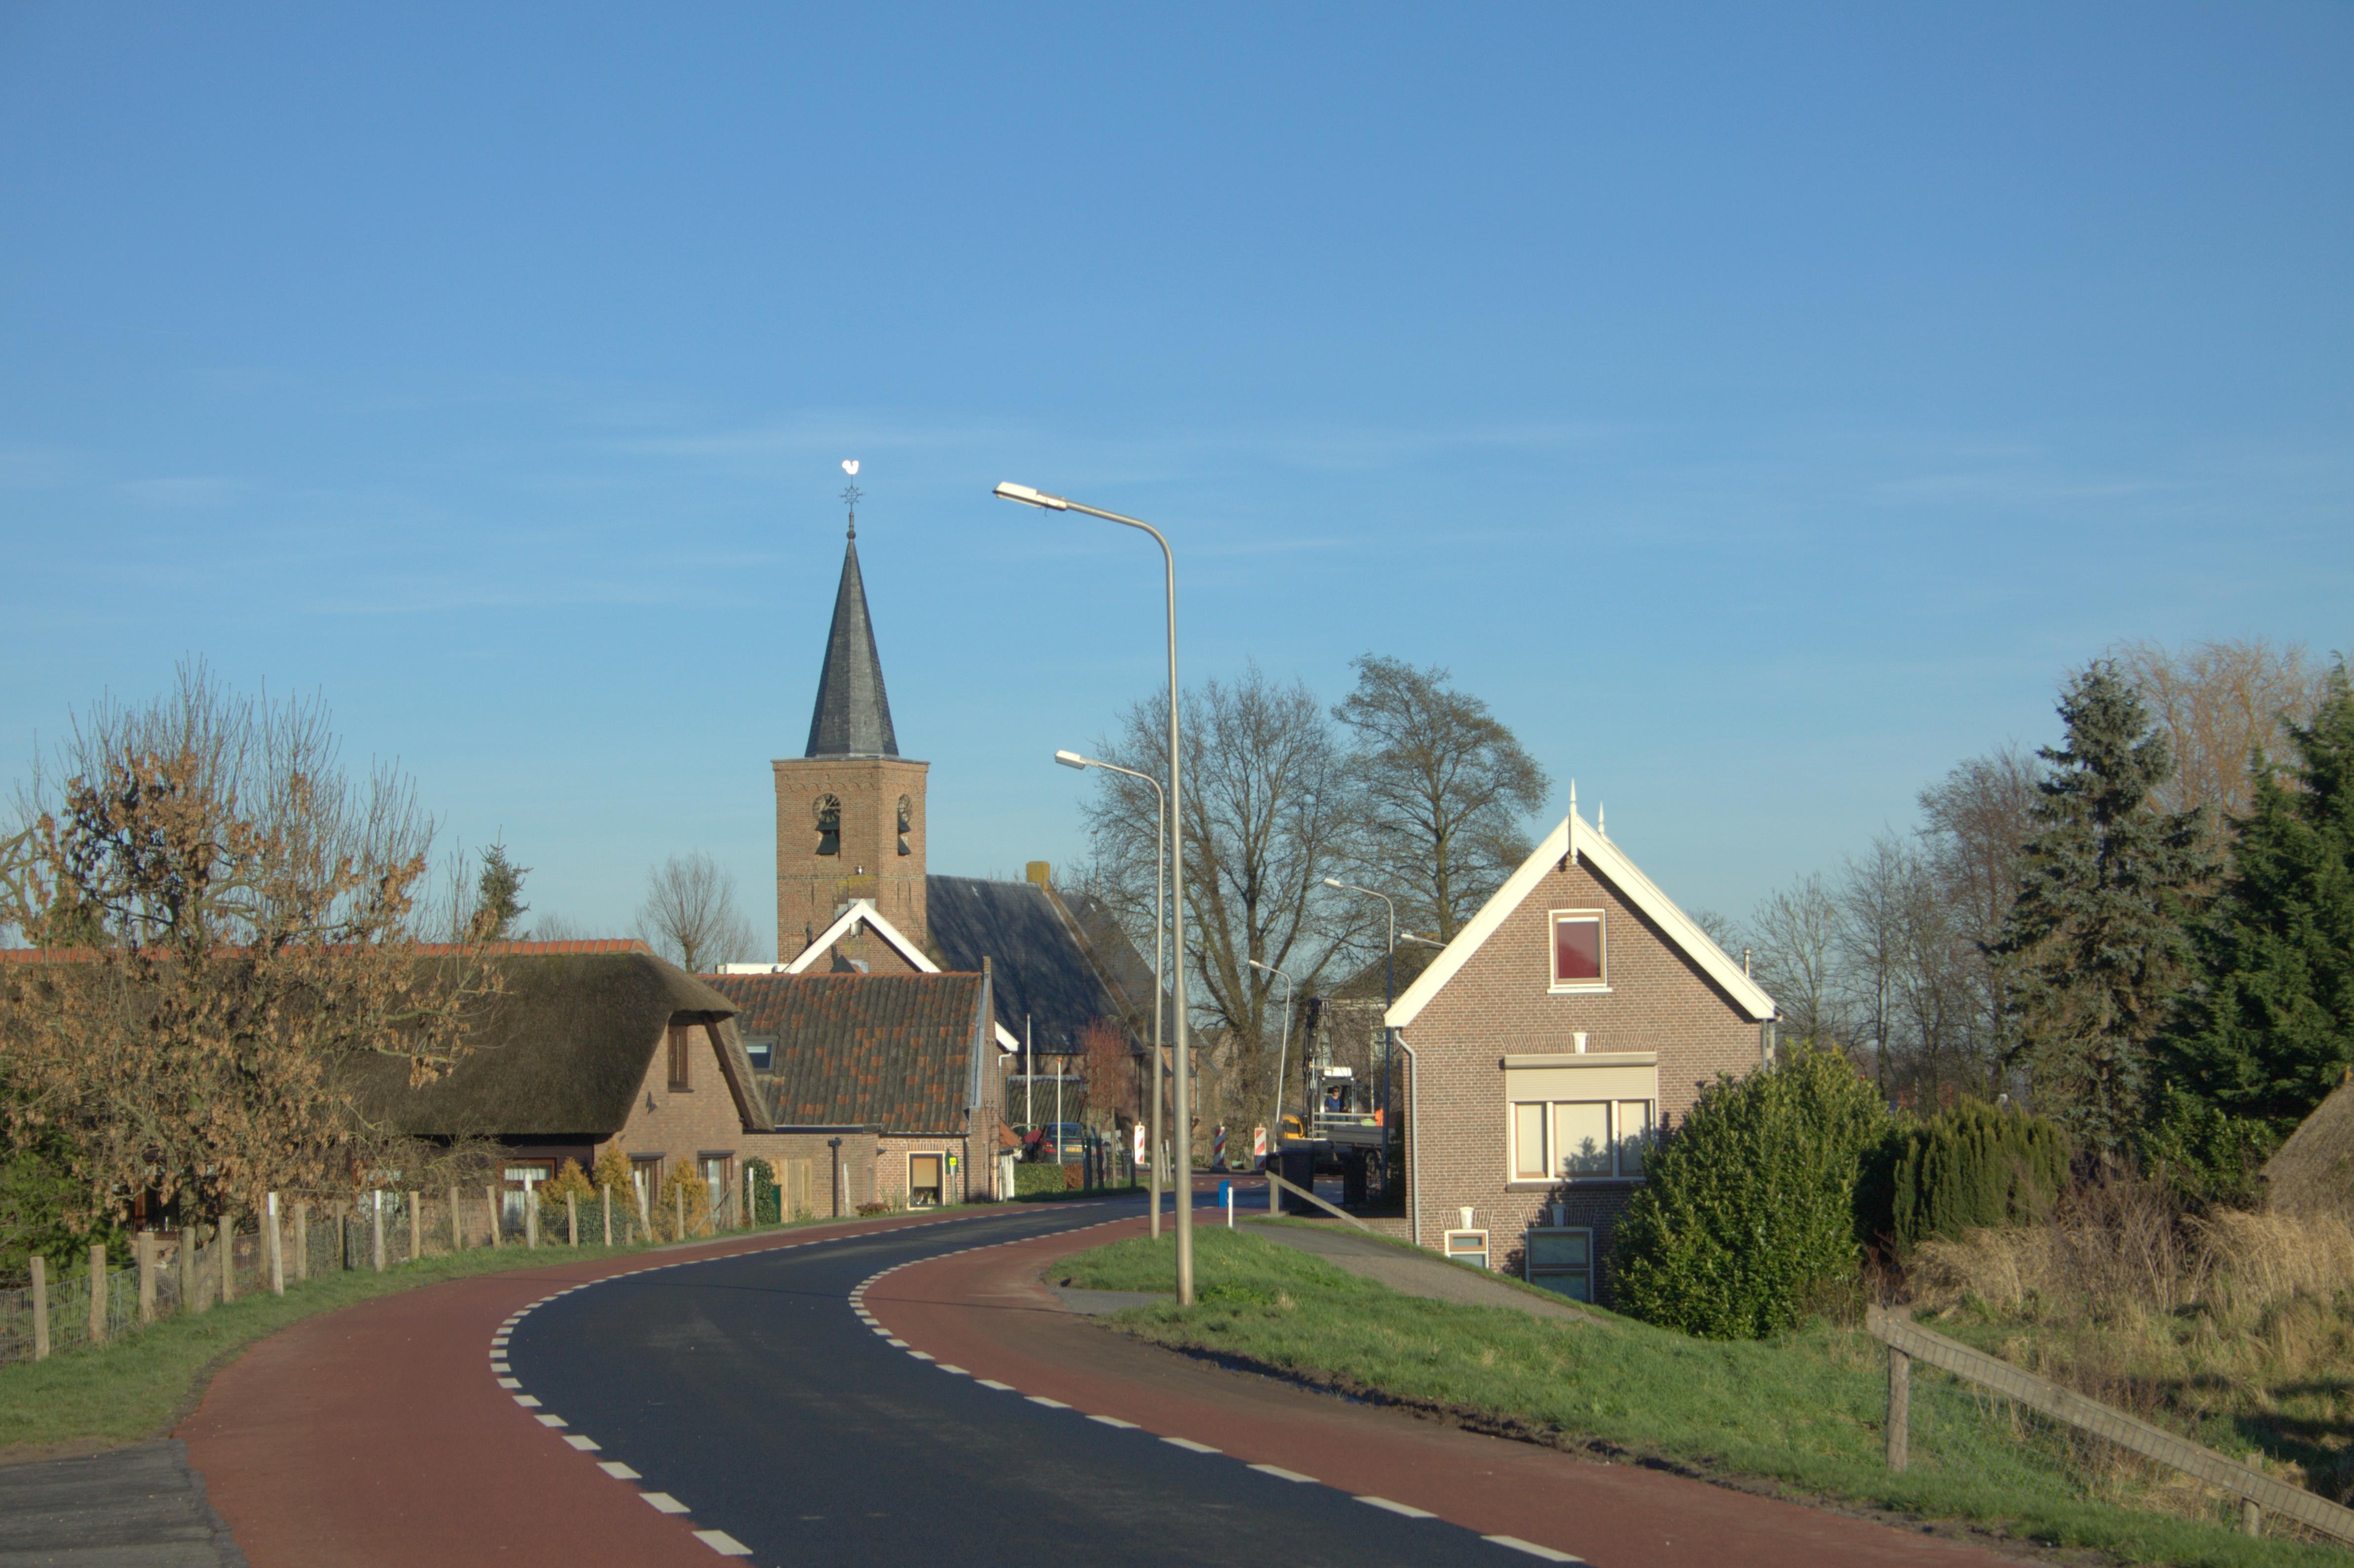 File:Tienhoven ZH. Aan En Op De Lekdijk, Niet Ver Van